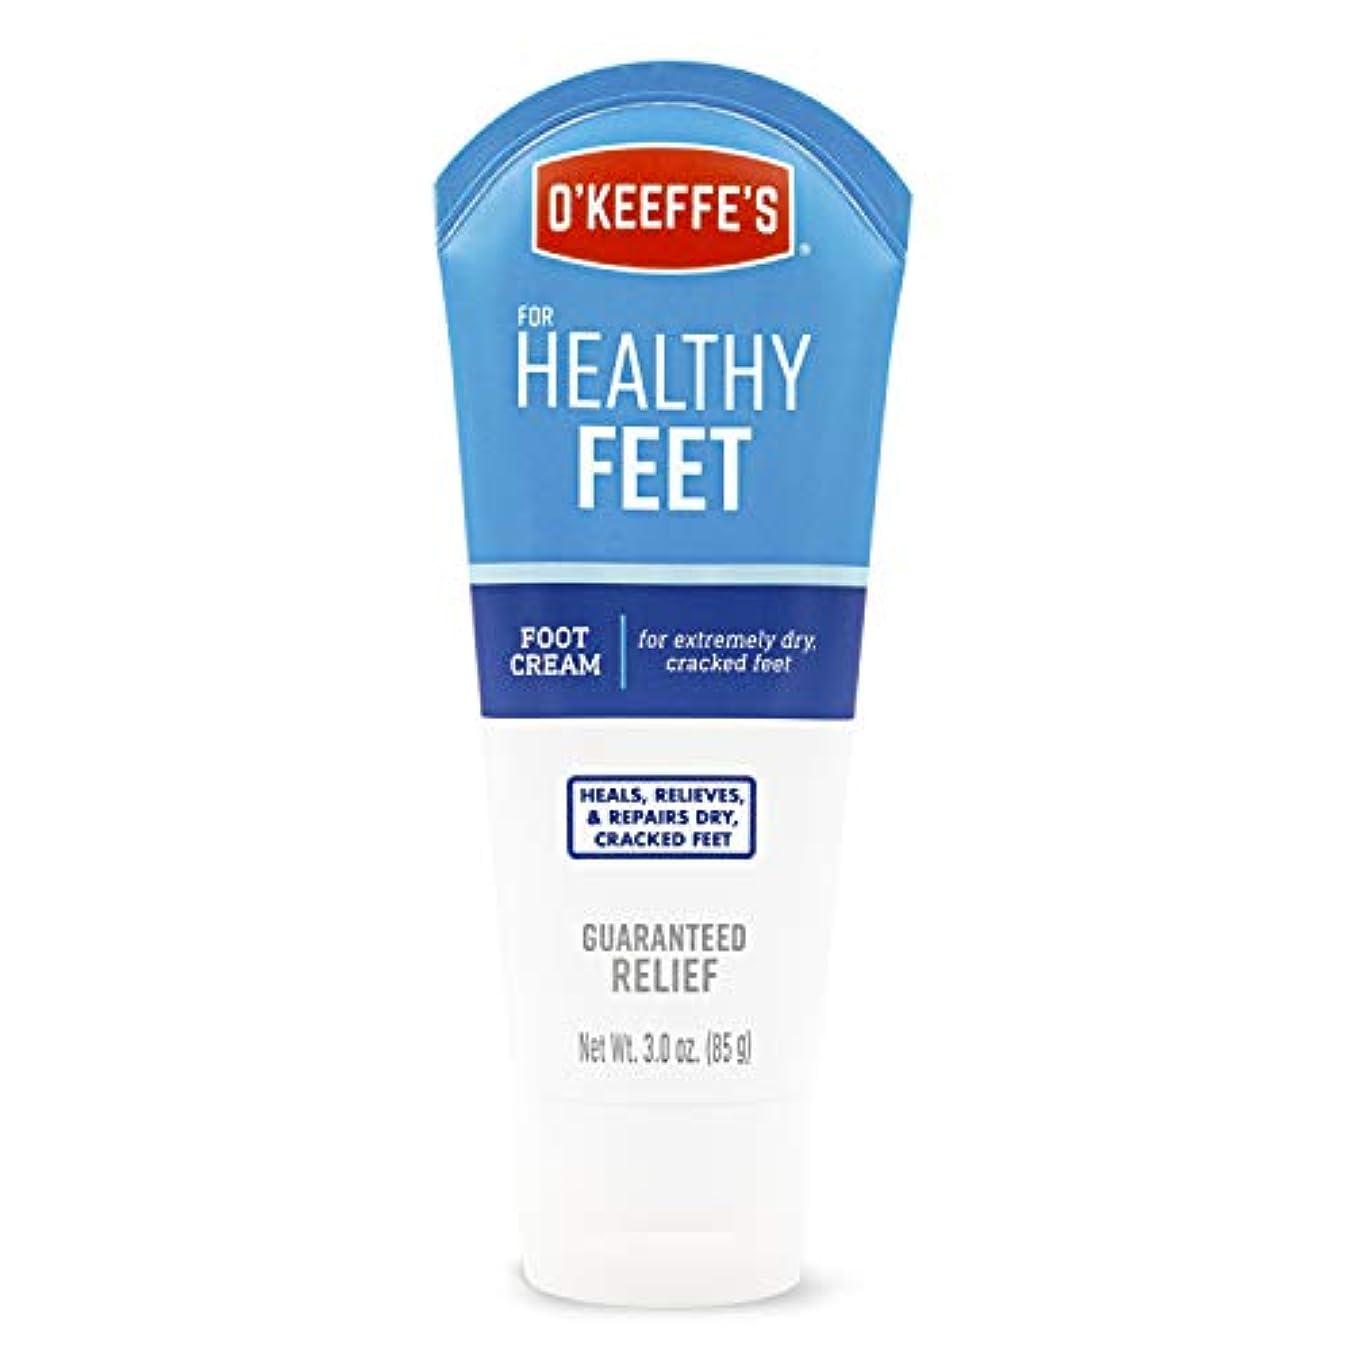 うめき人類上に築きますオキーフス ワーキングフィートクリーム チューブ  85g 1点 (並行輸入品) O'Keeffe's Working Feet Tube Cream 3oz